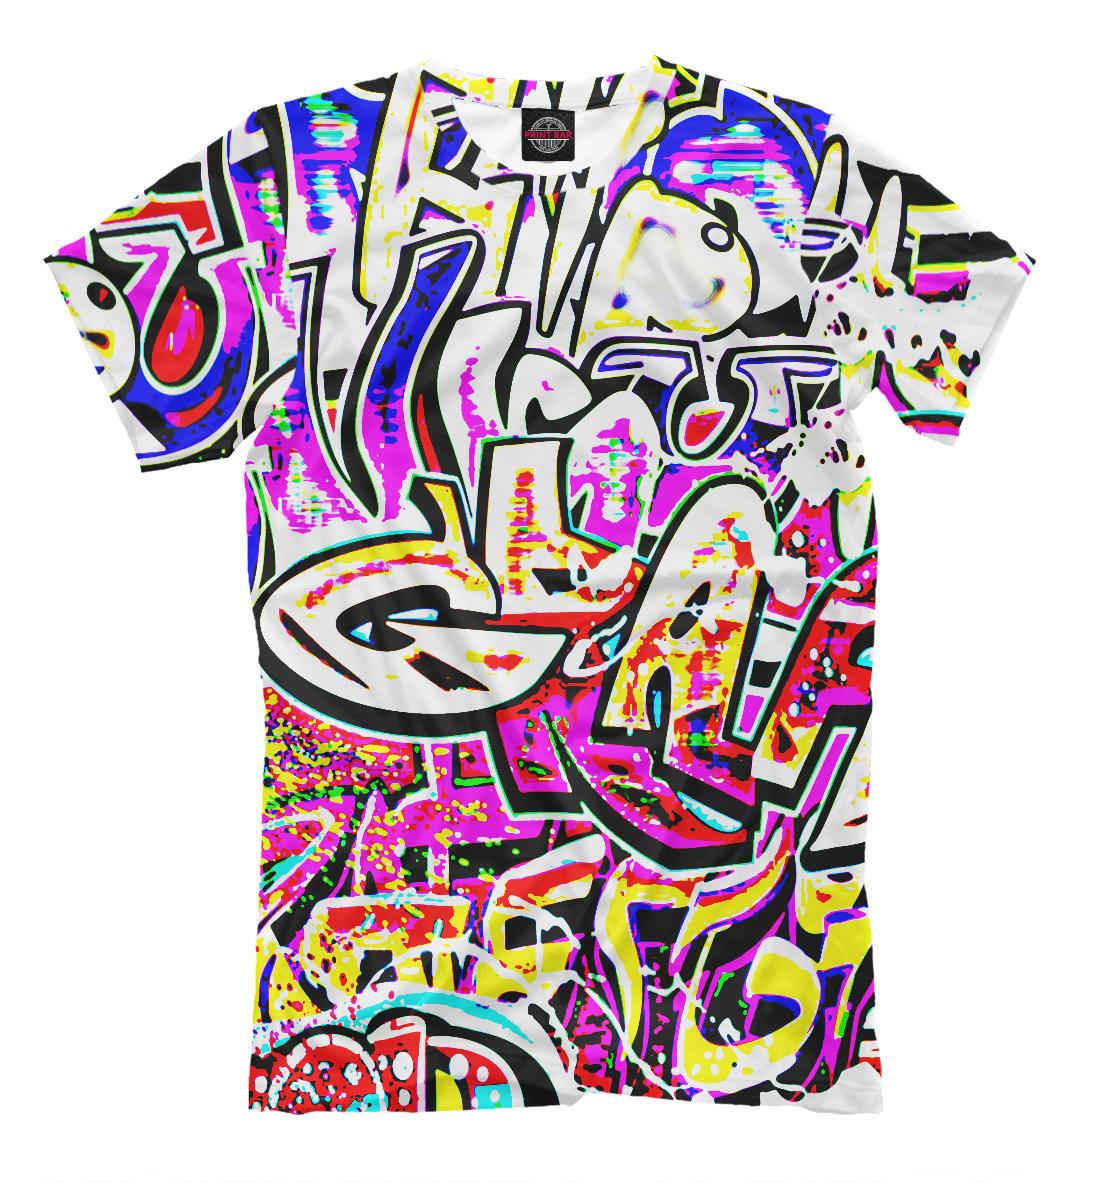 русское радио картинка футболка в стиле граффити